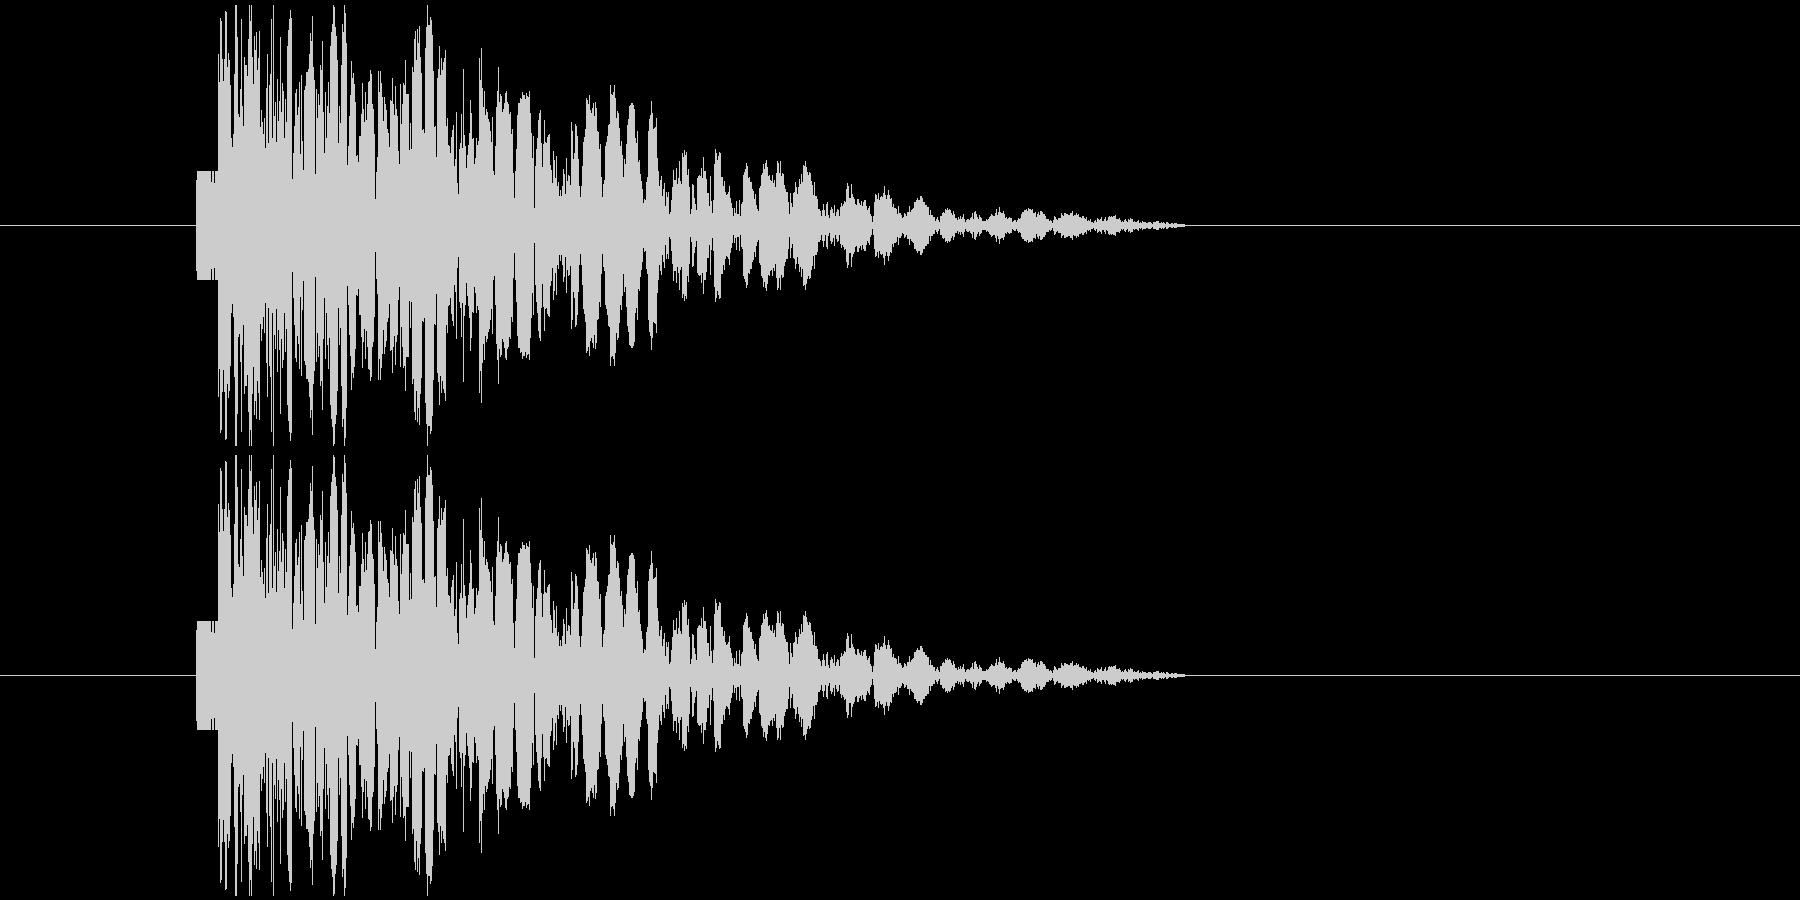 打撃音パンチの未再生の波形